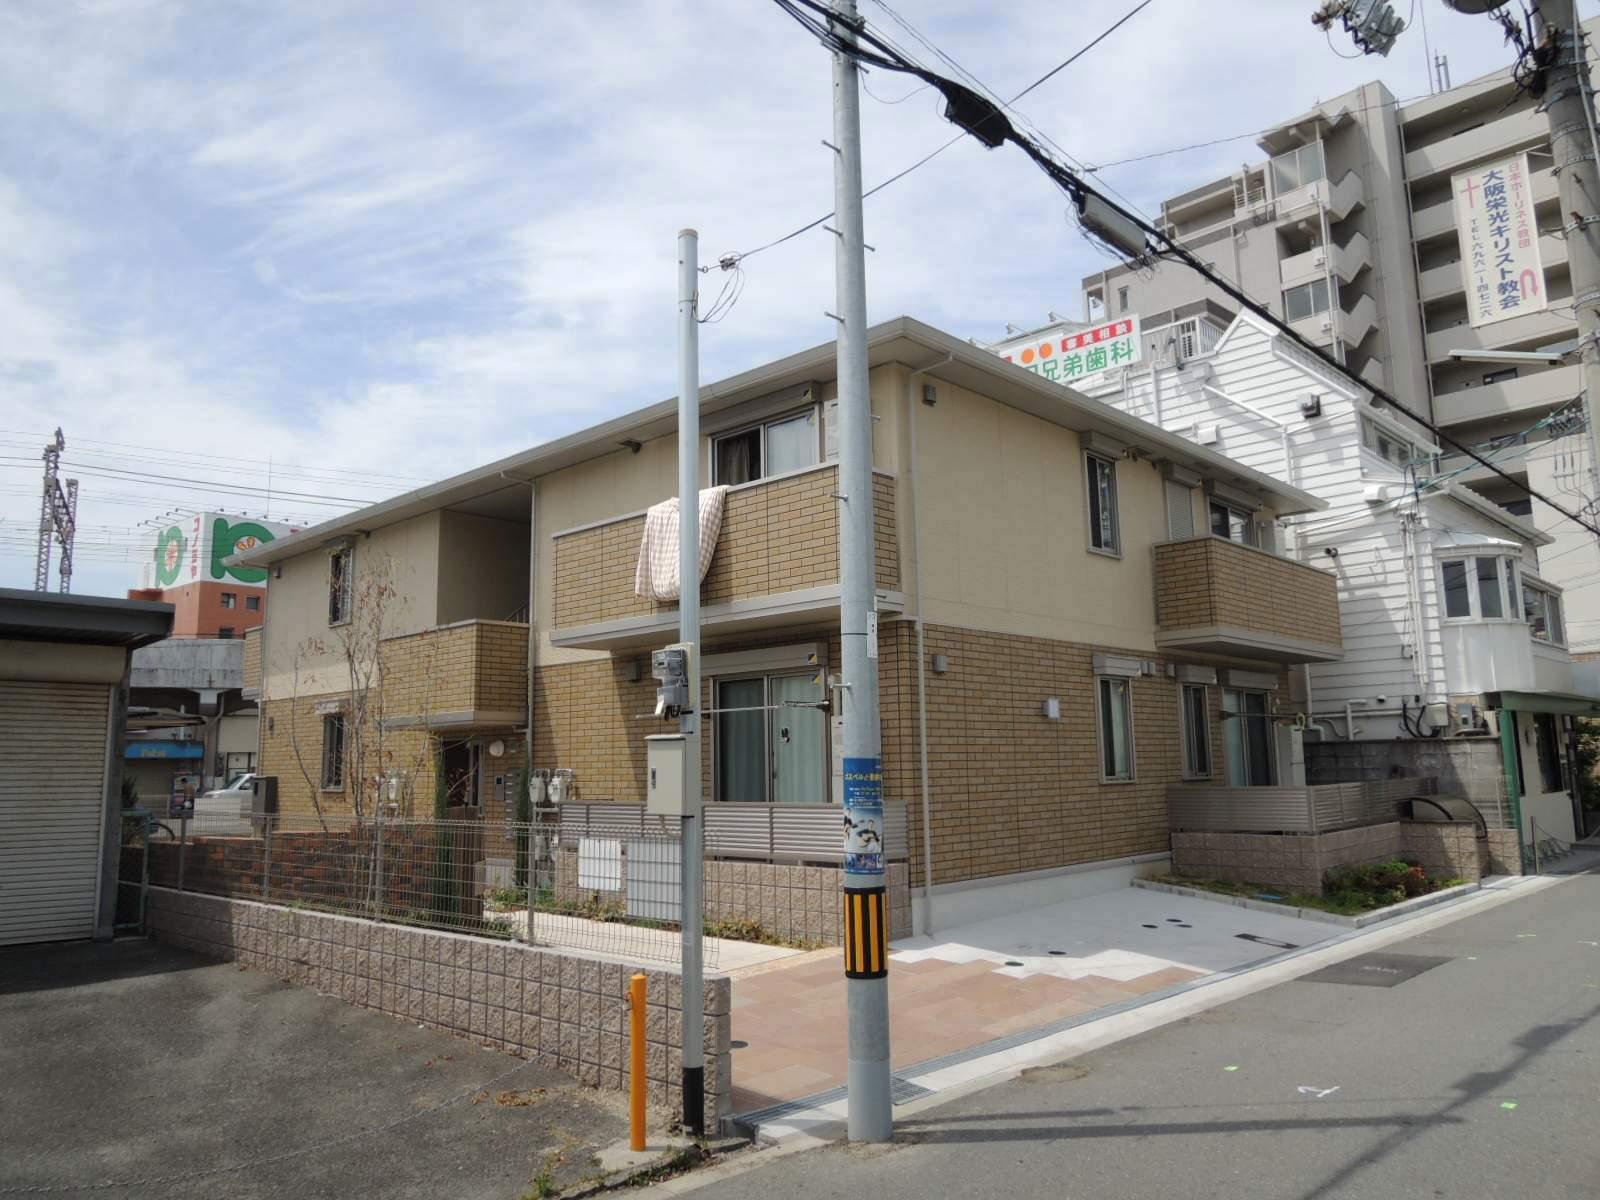 大阪府大阪市城東区、鴫野駅徒歩2分の築3年 2階建の賃貸アパート